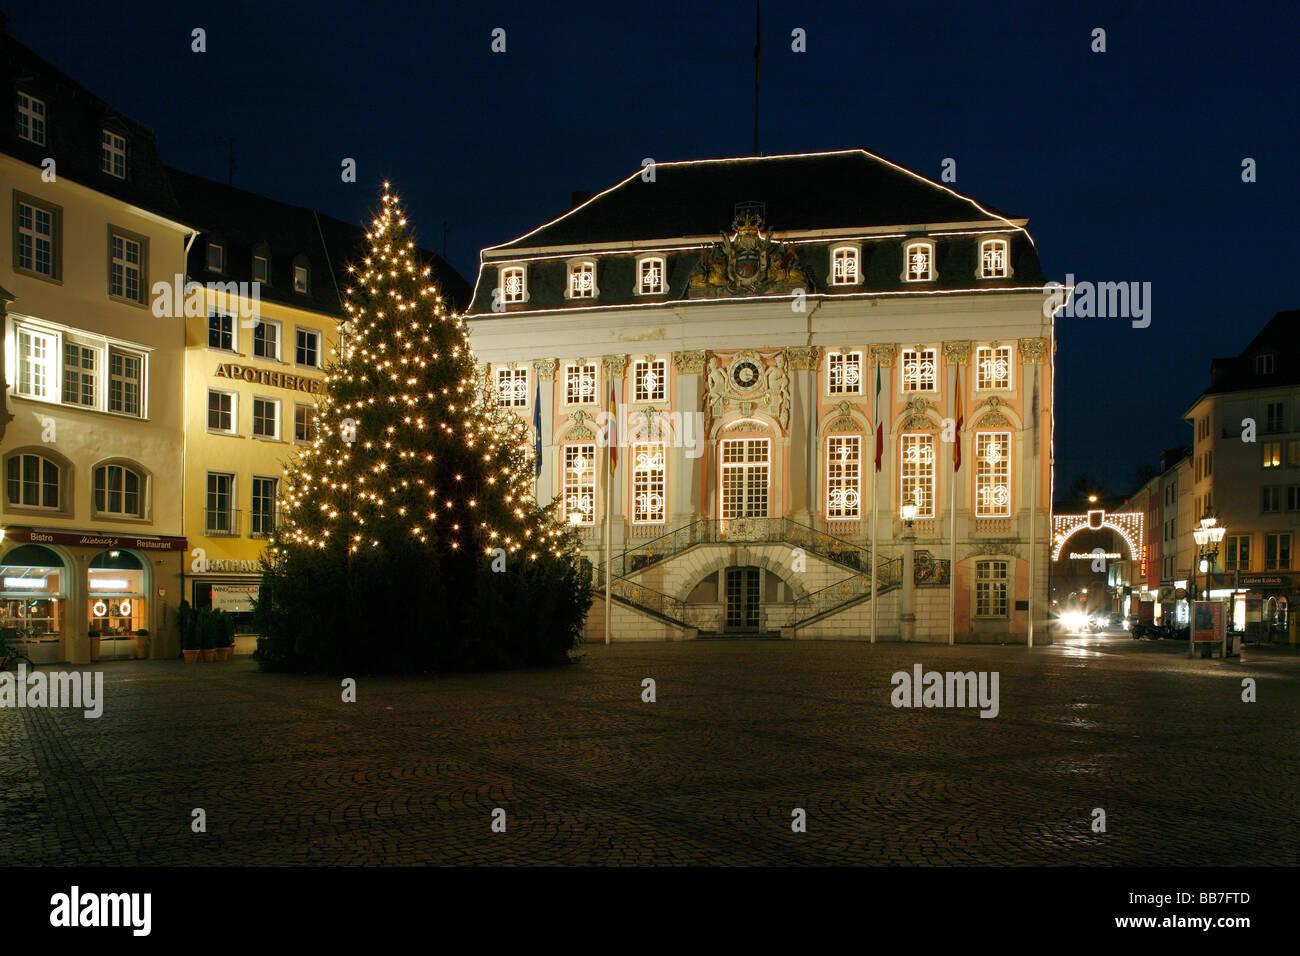 Weihnachtsbaum bonn